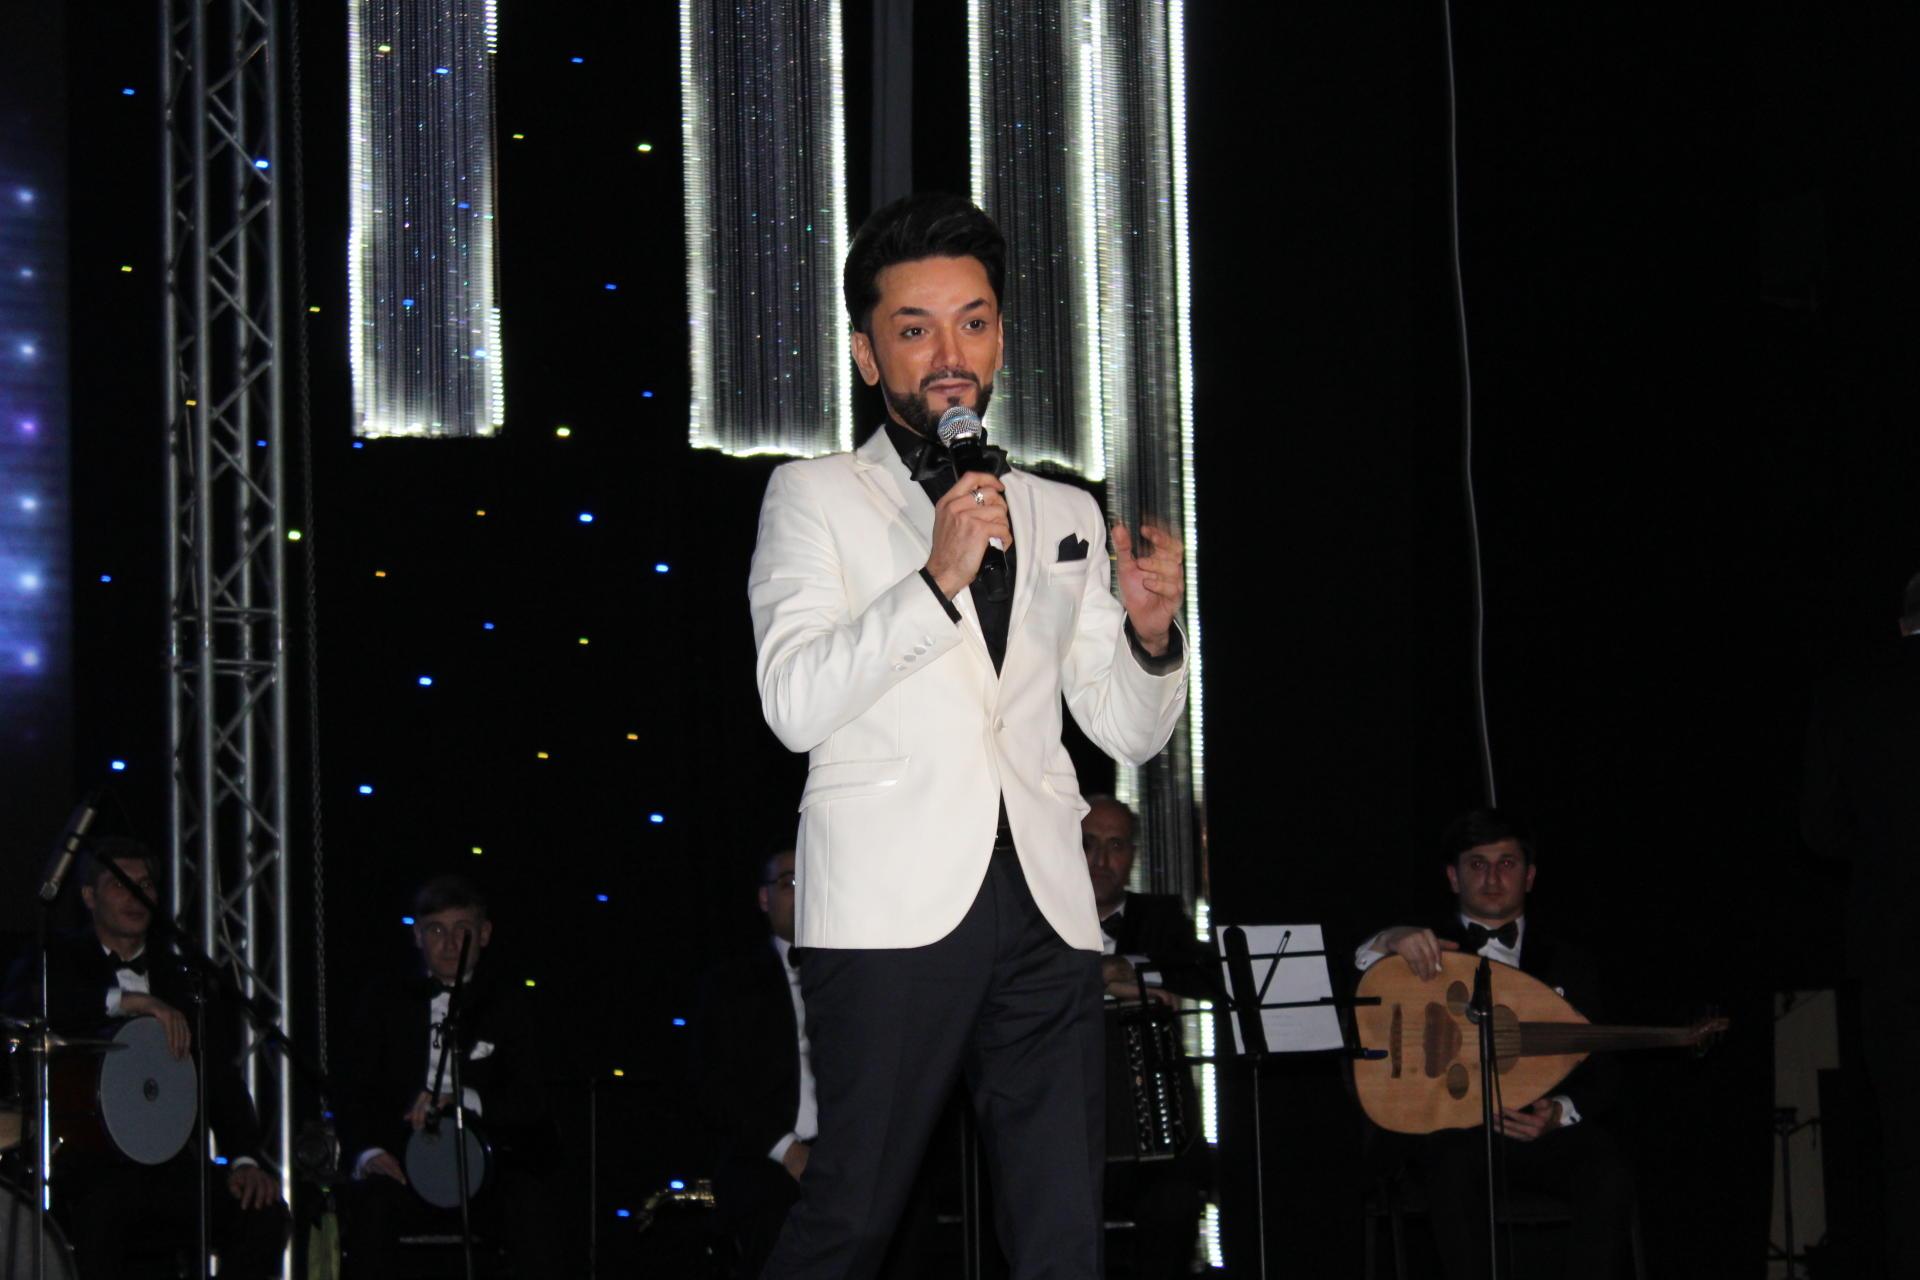 Фаик Агаев об Иосифе Кобзоне: Для меня он был величиной, его голос и исполнение я люблю